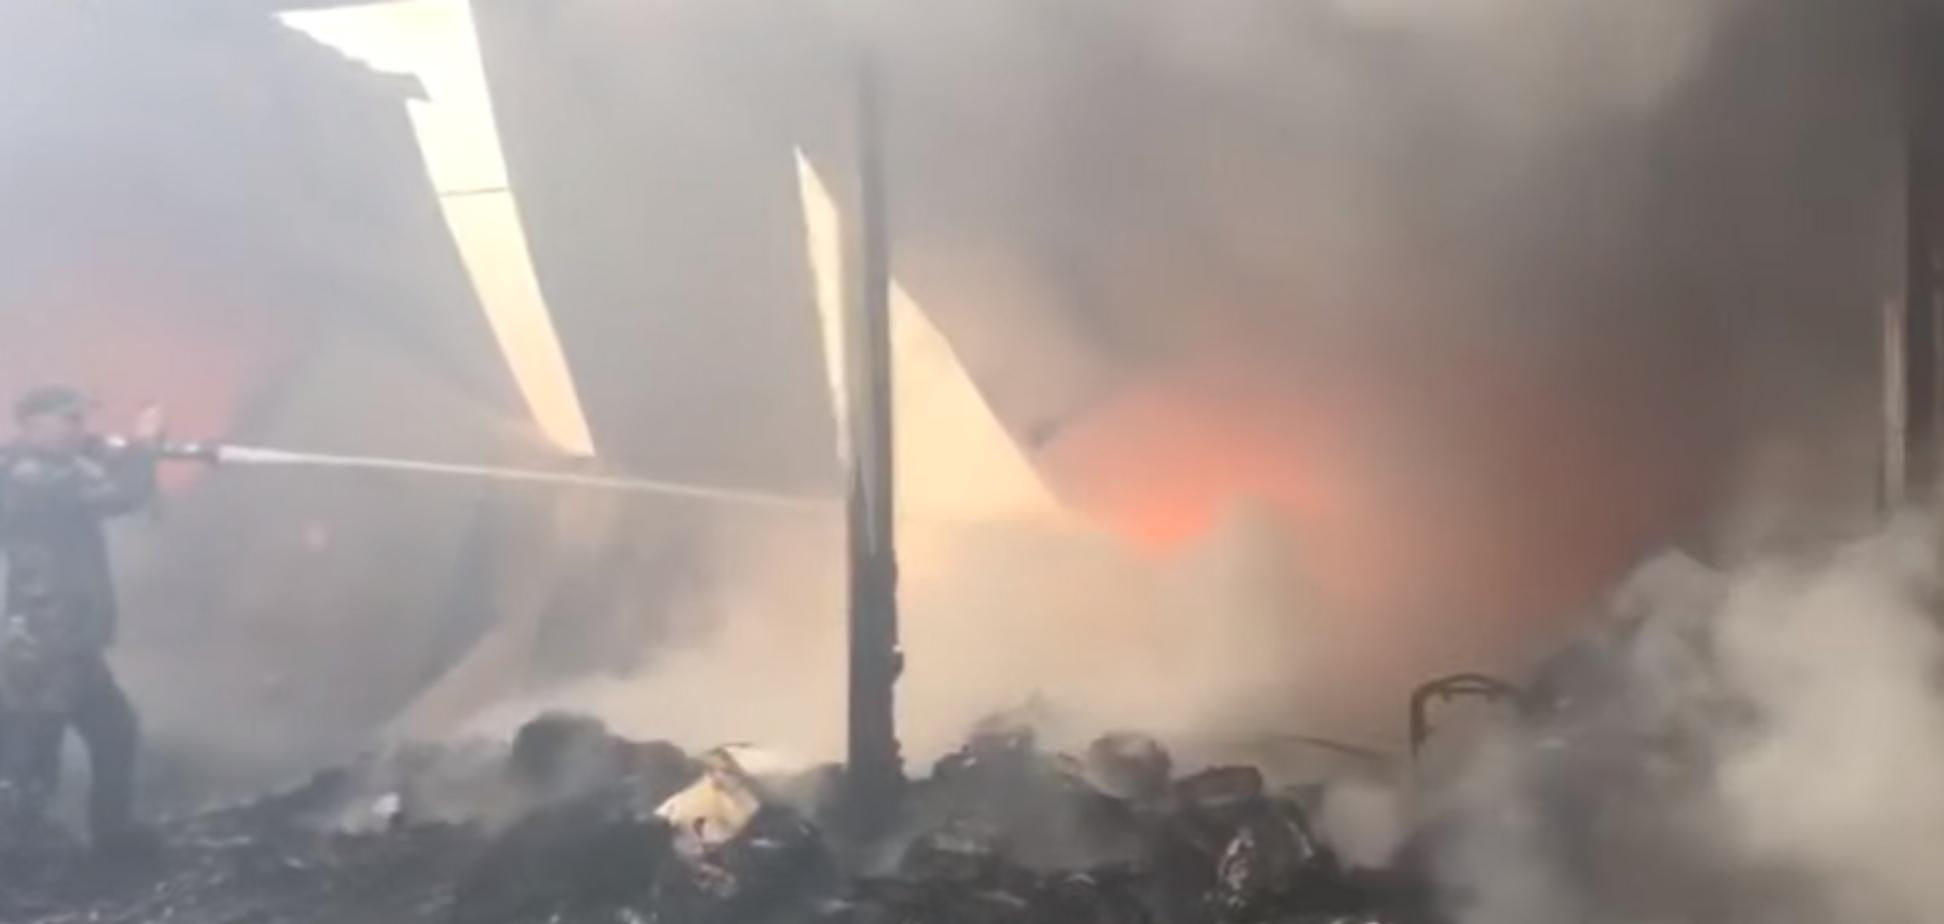 Под Баку вспыхнул крупнейший торговый центр 'Садарак': все детали